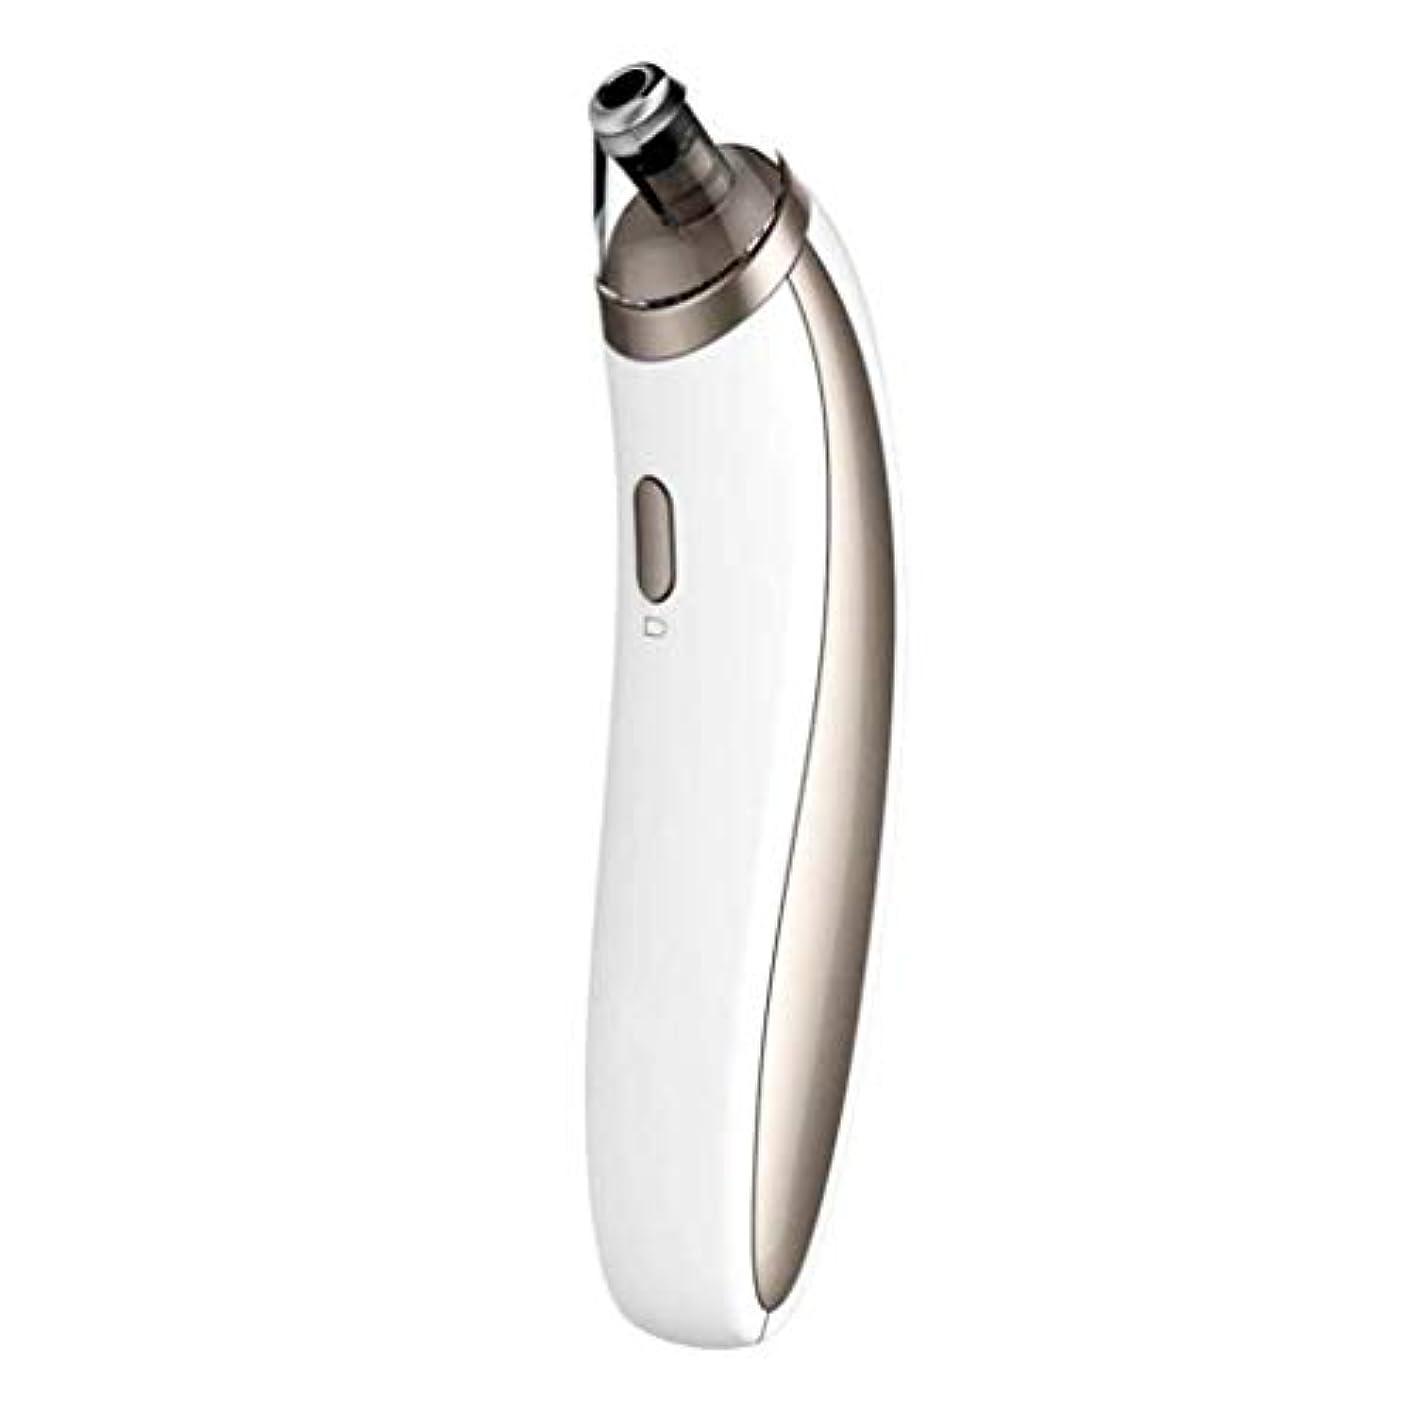 含意ヒロイック合成にきびの除去剤の真空への3つのファイル吸引の身につけられる携帯用USBの再充電可能な気孔の洗剤